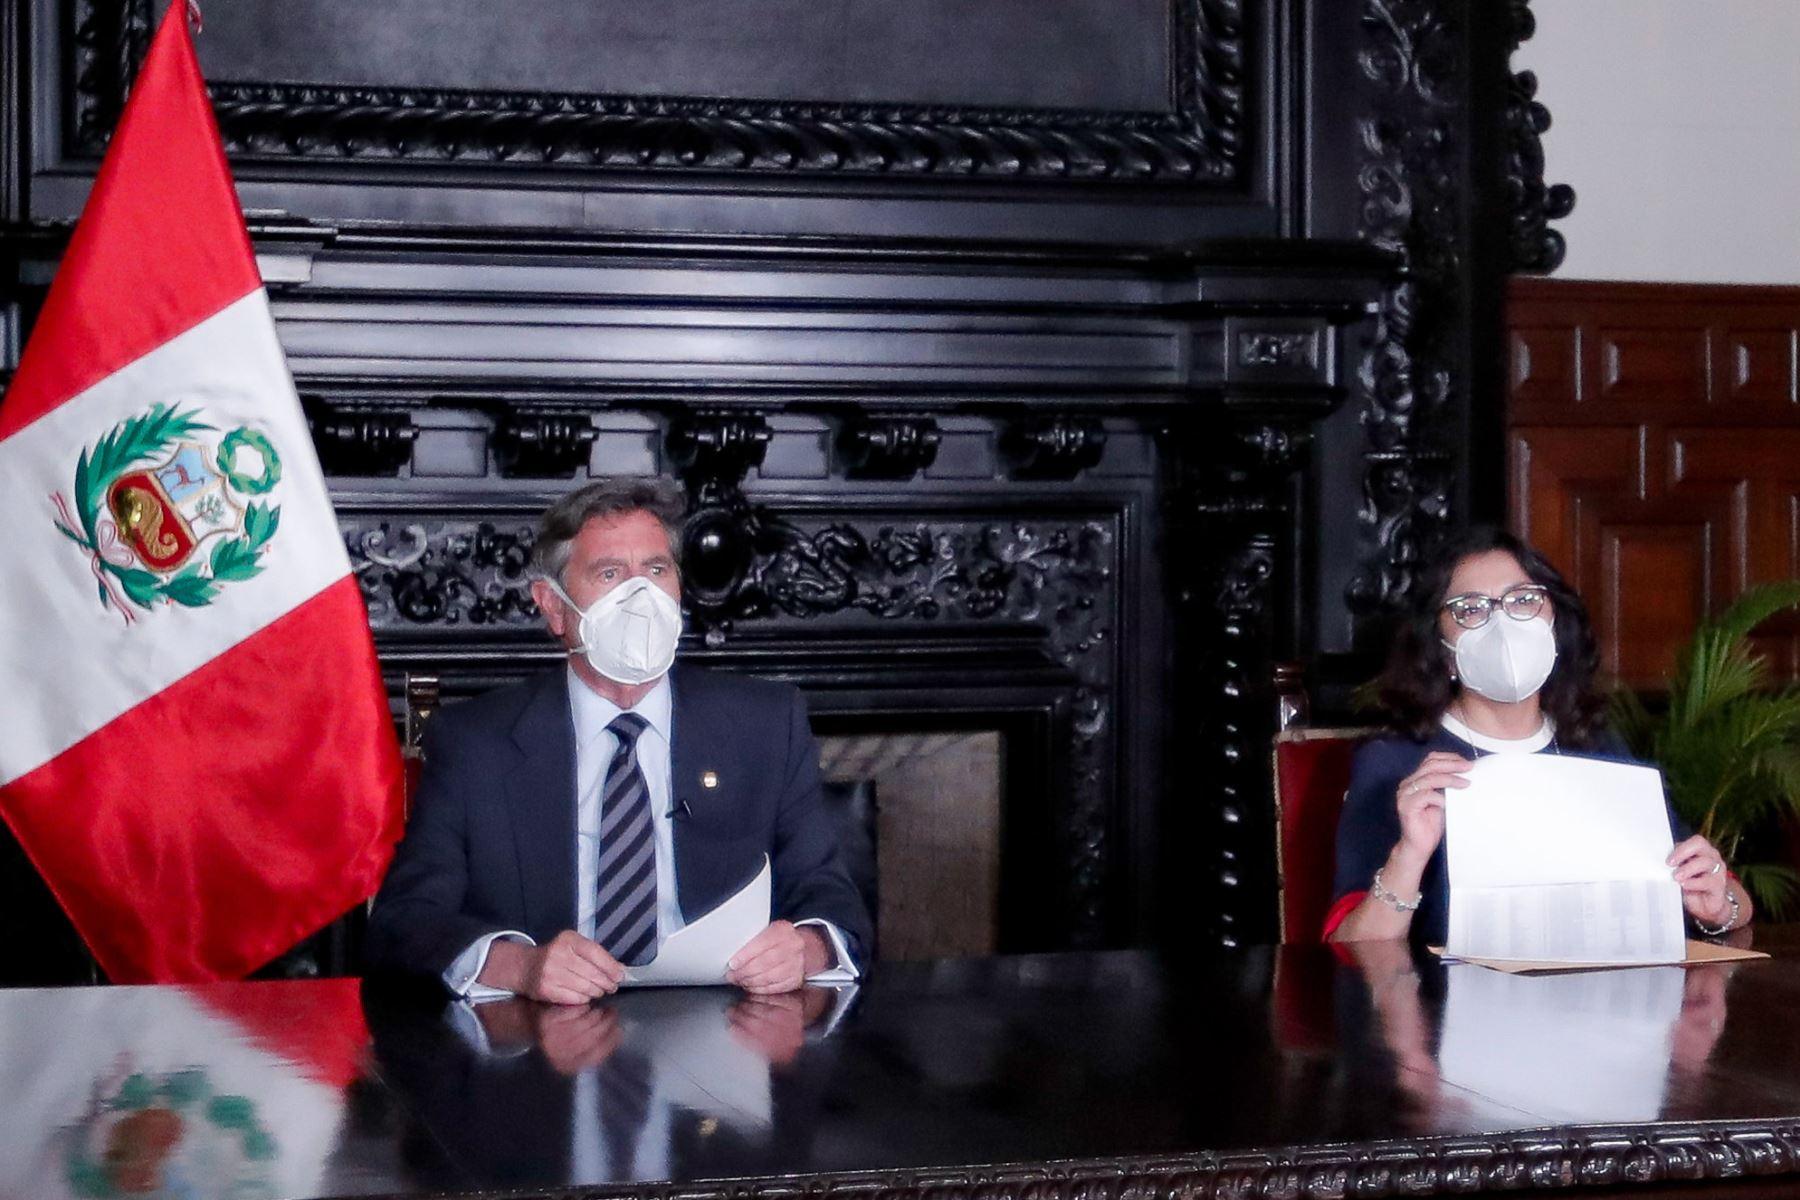 Presidente Francisco Sagasti, confirma que 487 personas fueron vacunadas fuera de los ensayos Foto: ANDINA/Prensa Presidencia